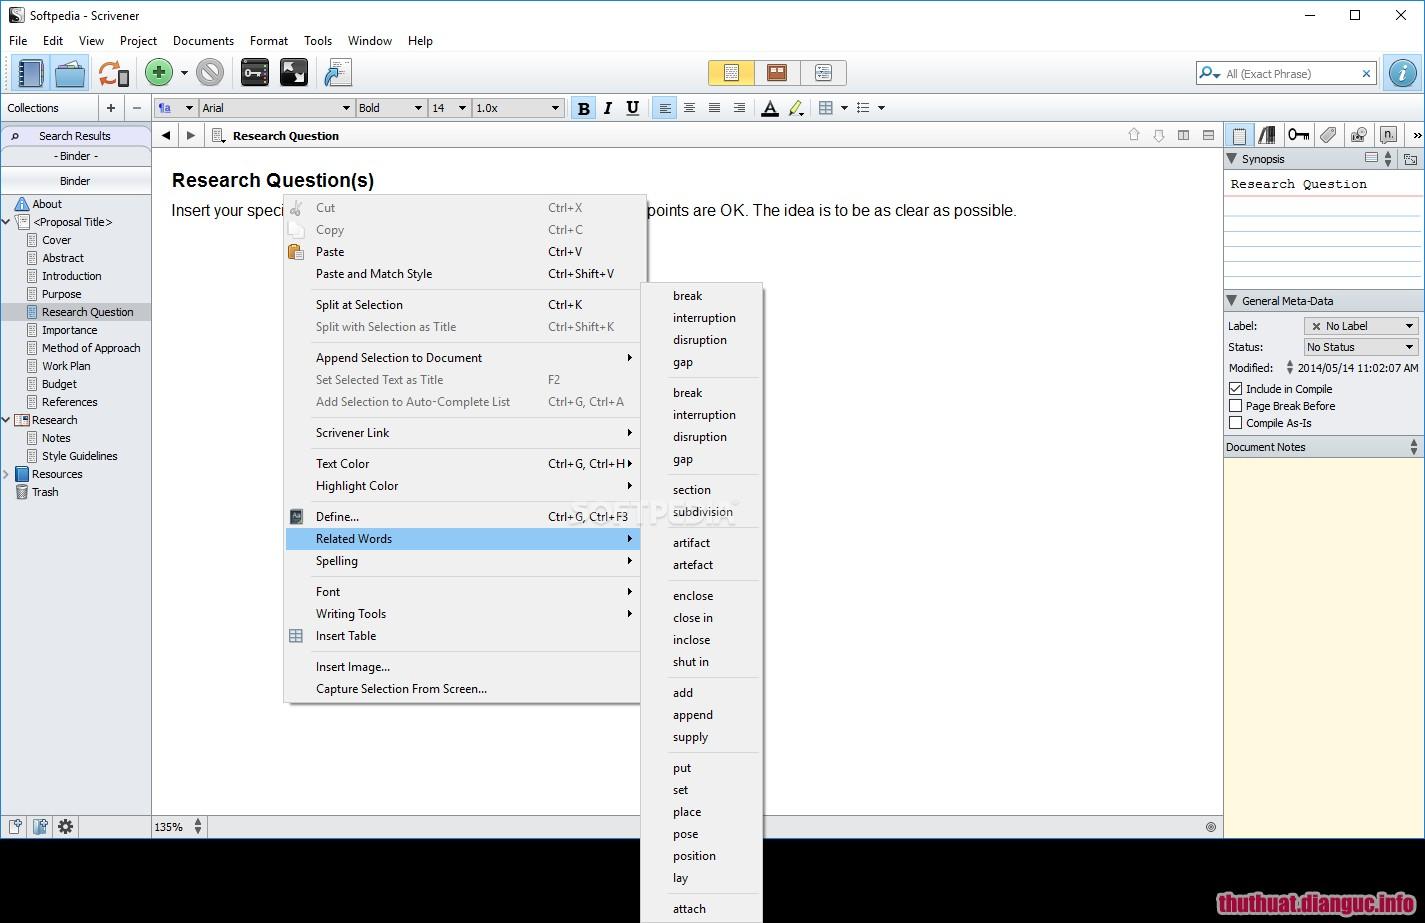 Download Scrivener 1.9.8.0 Full Cr@ck – Công cụ soạn thảo mạnh mẽ